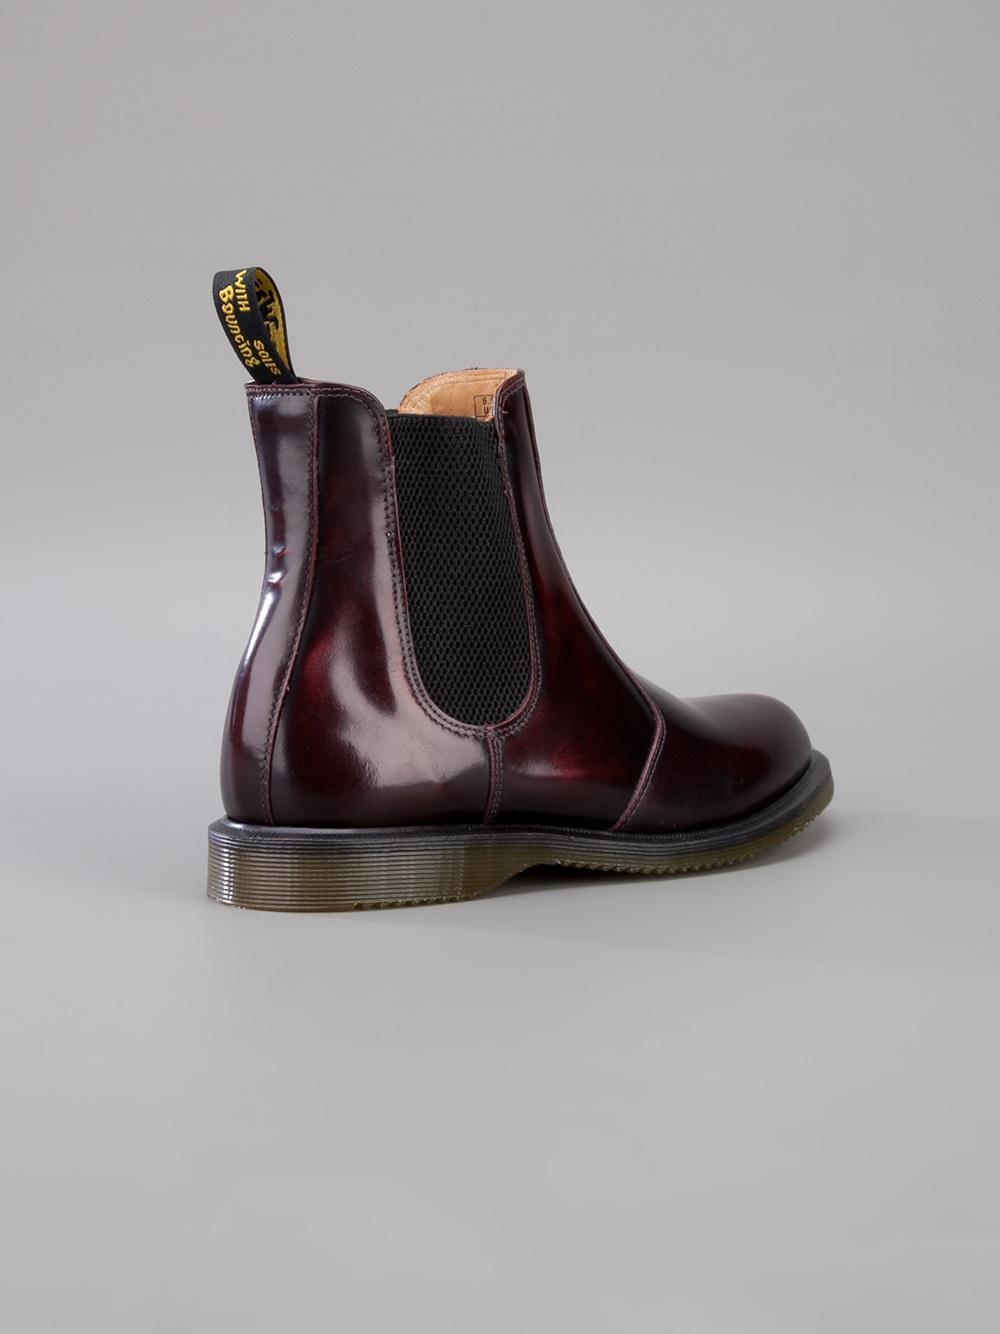 dr martens 39 flora 39 unisex chelsea boot in brown for men lyst. Black Bedroom Furniture Sets. Home Design Ideas